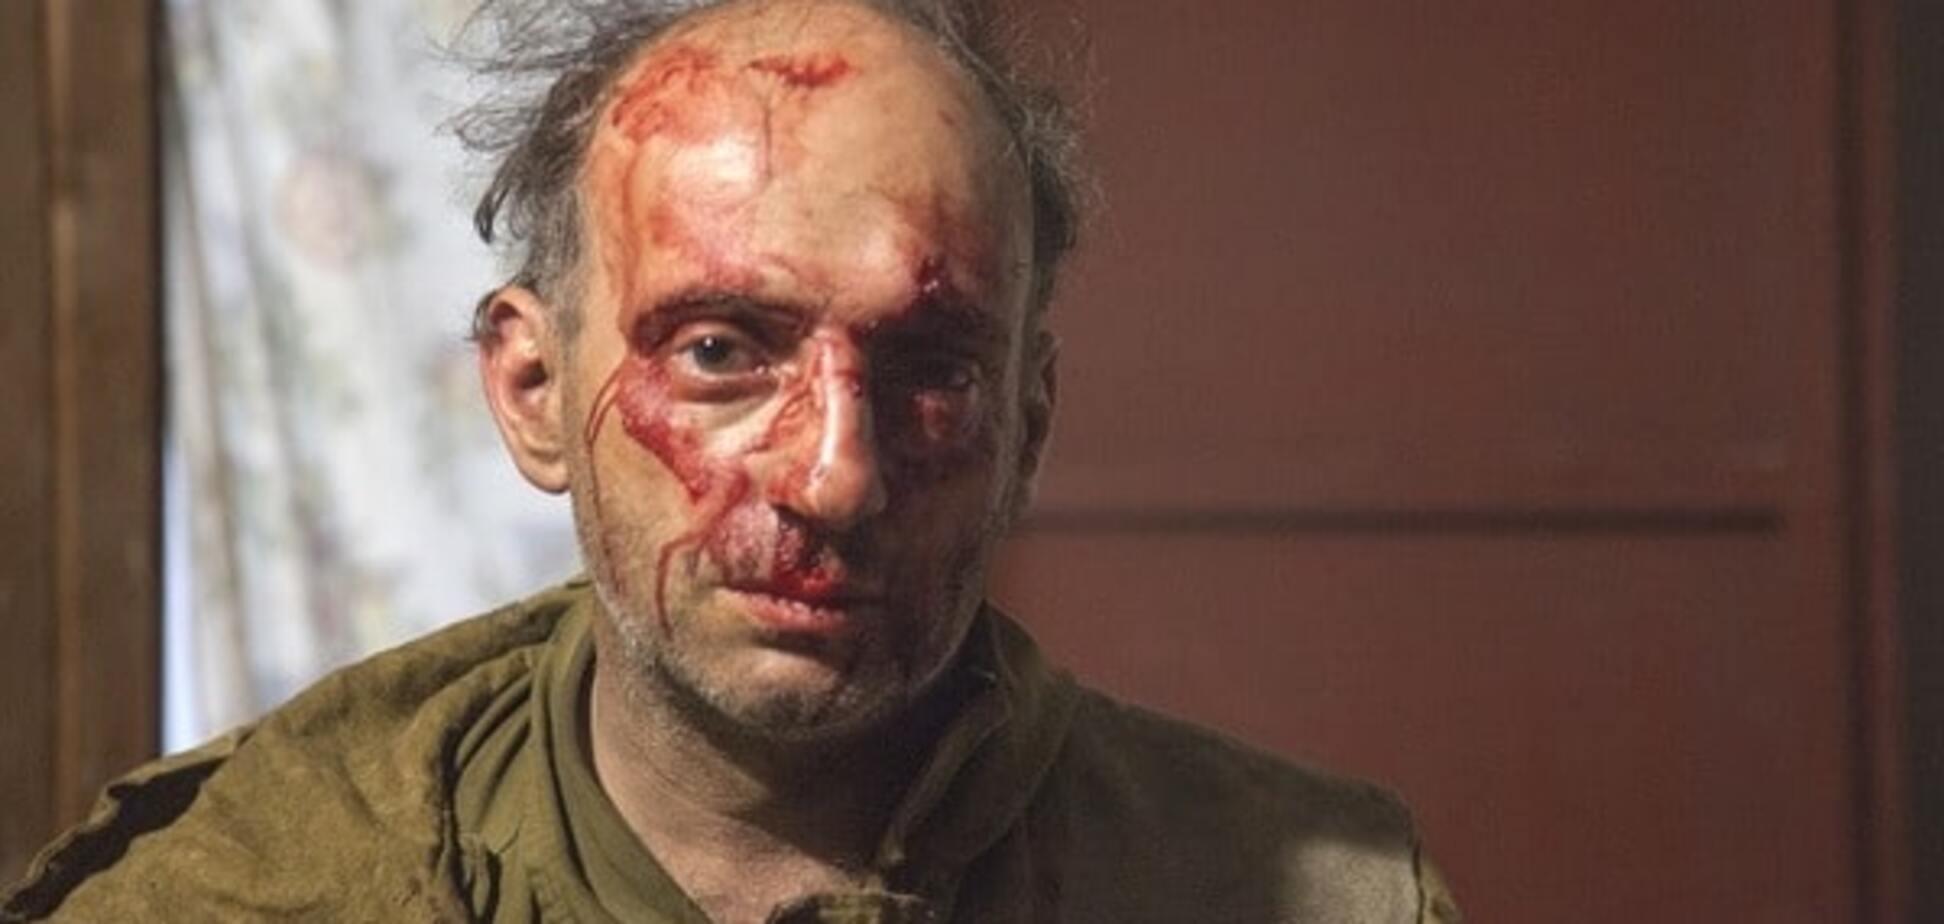 'Убирайтесь в свою пендосию': в России жестоко избили активистов Greenpeace